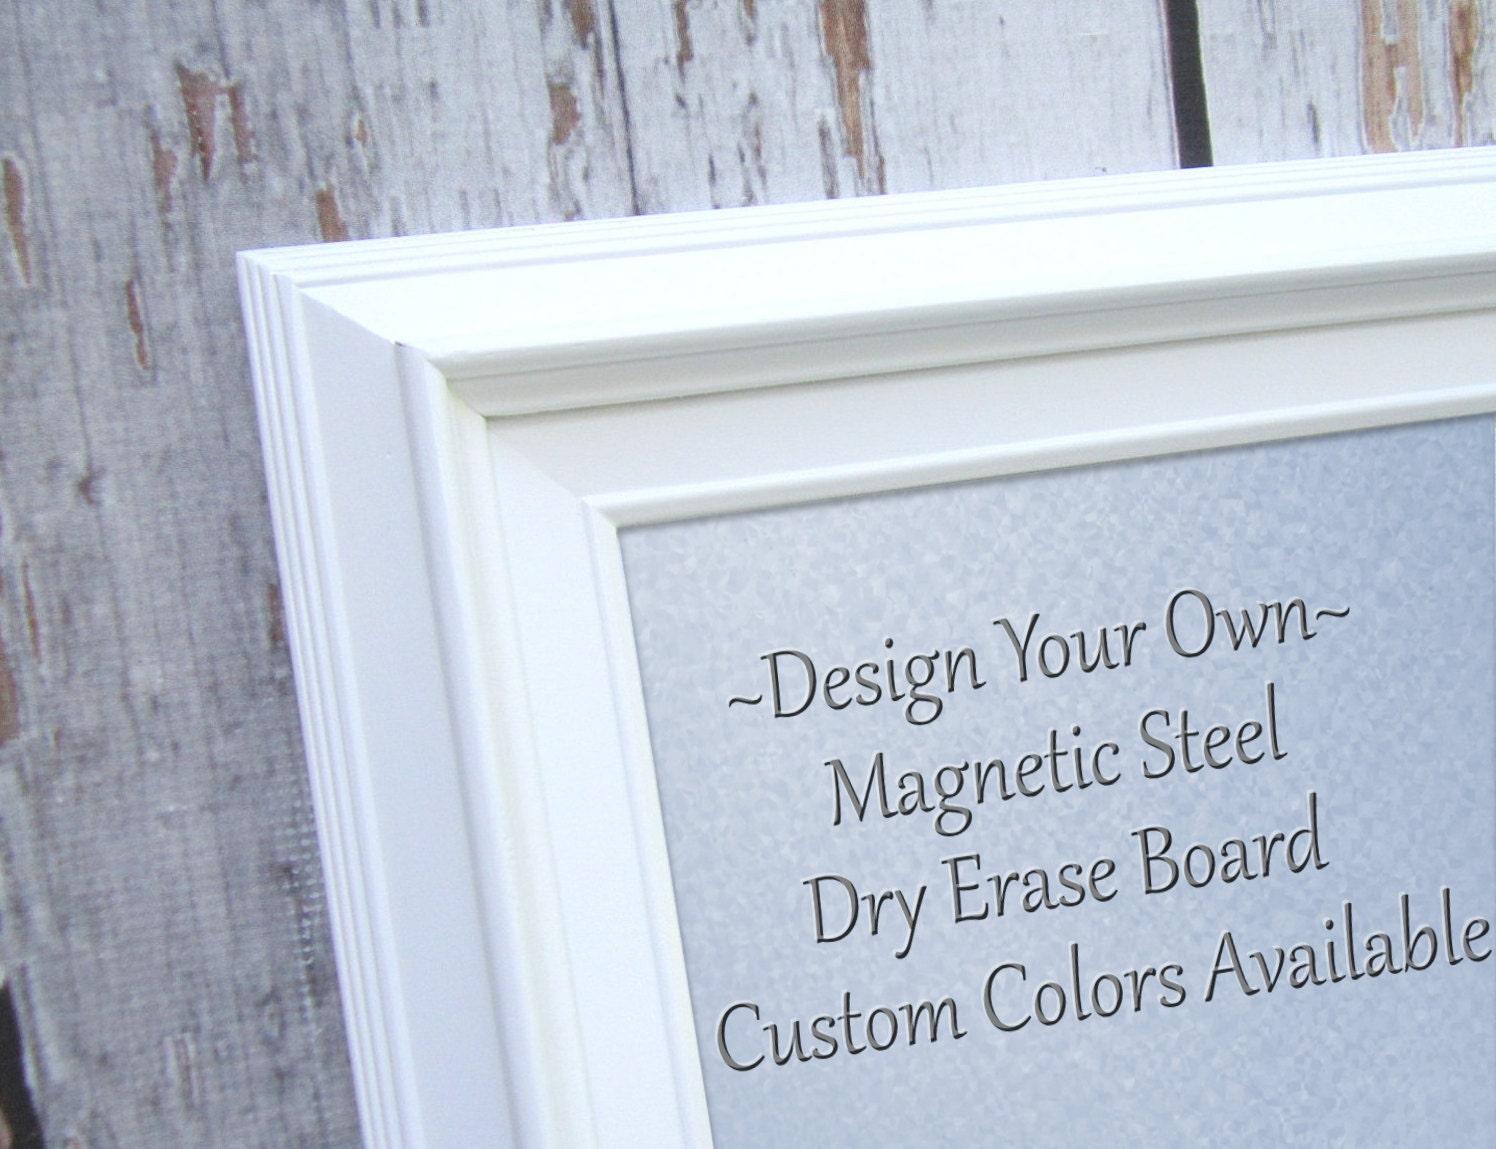 TABLEROS de imán para venta tablero magnético enmarcado